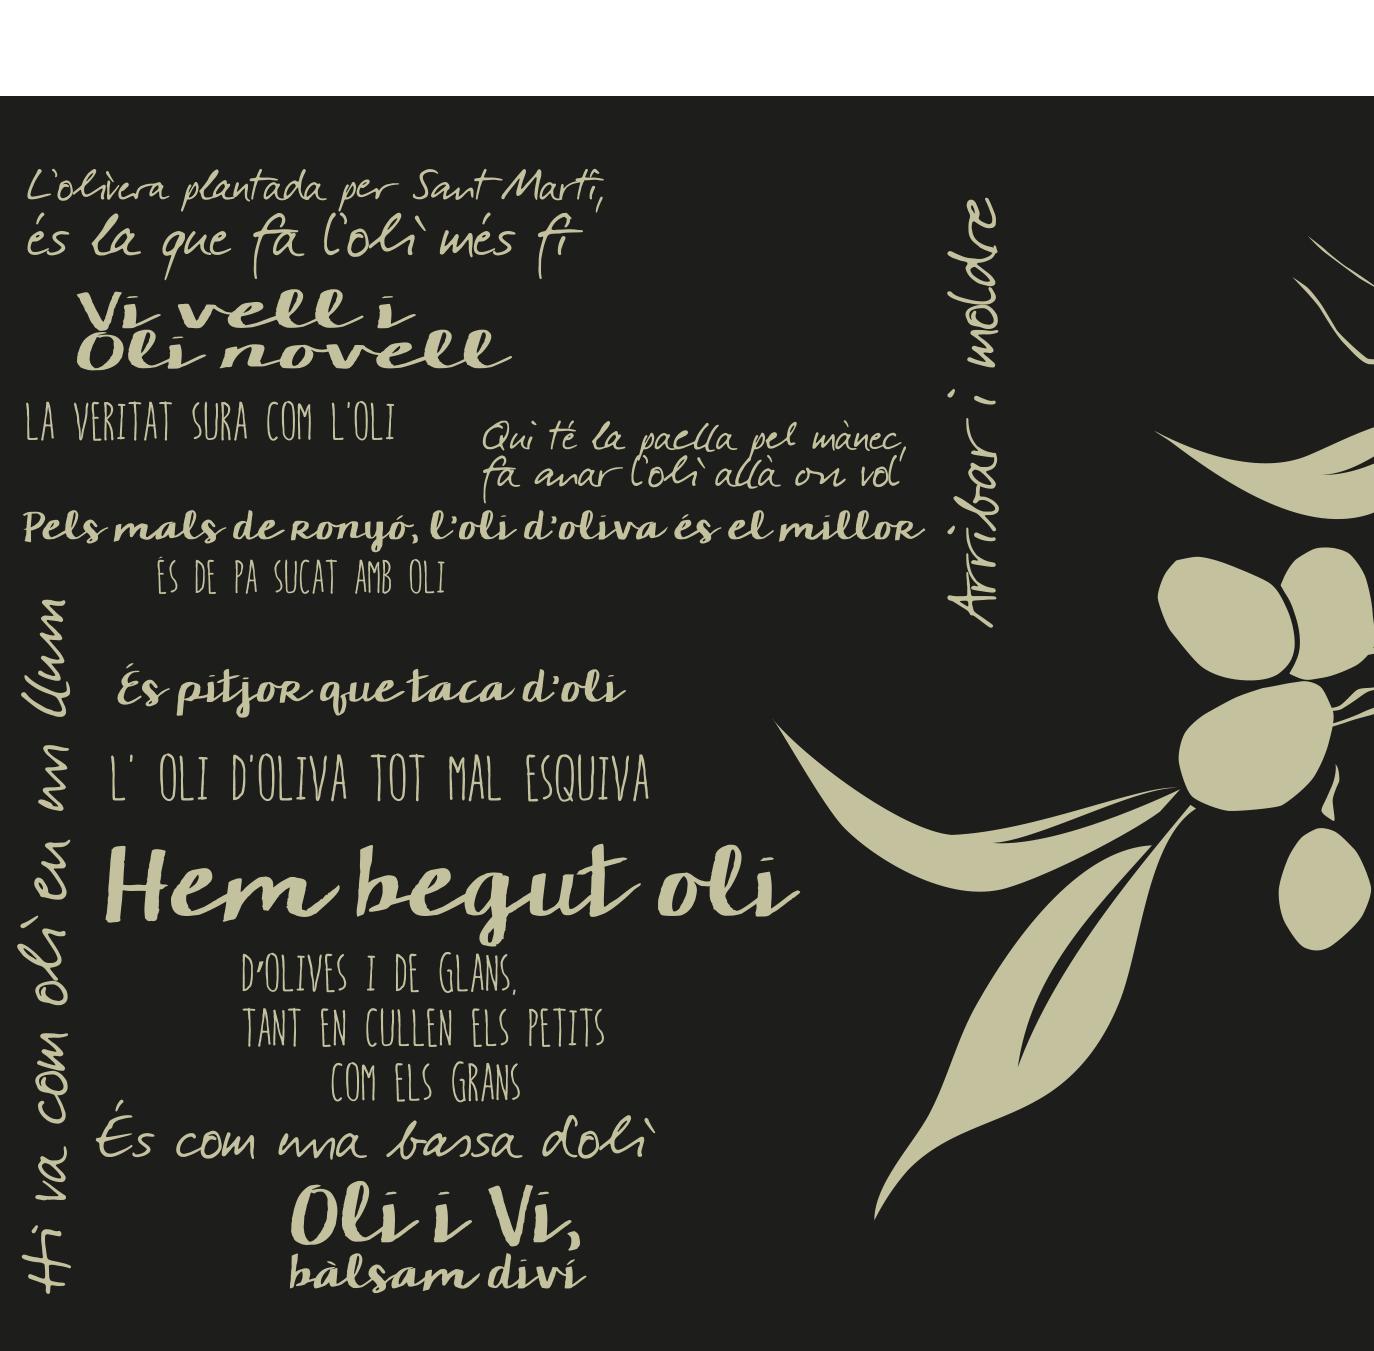 Vins i Olis Suñer – Olis de Catalunya - Oli d'oliva verge extra ecológic de la varietat Arbequina